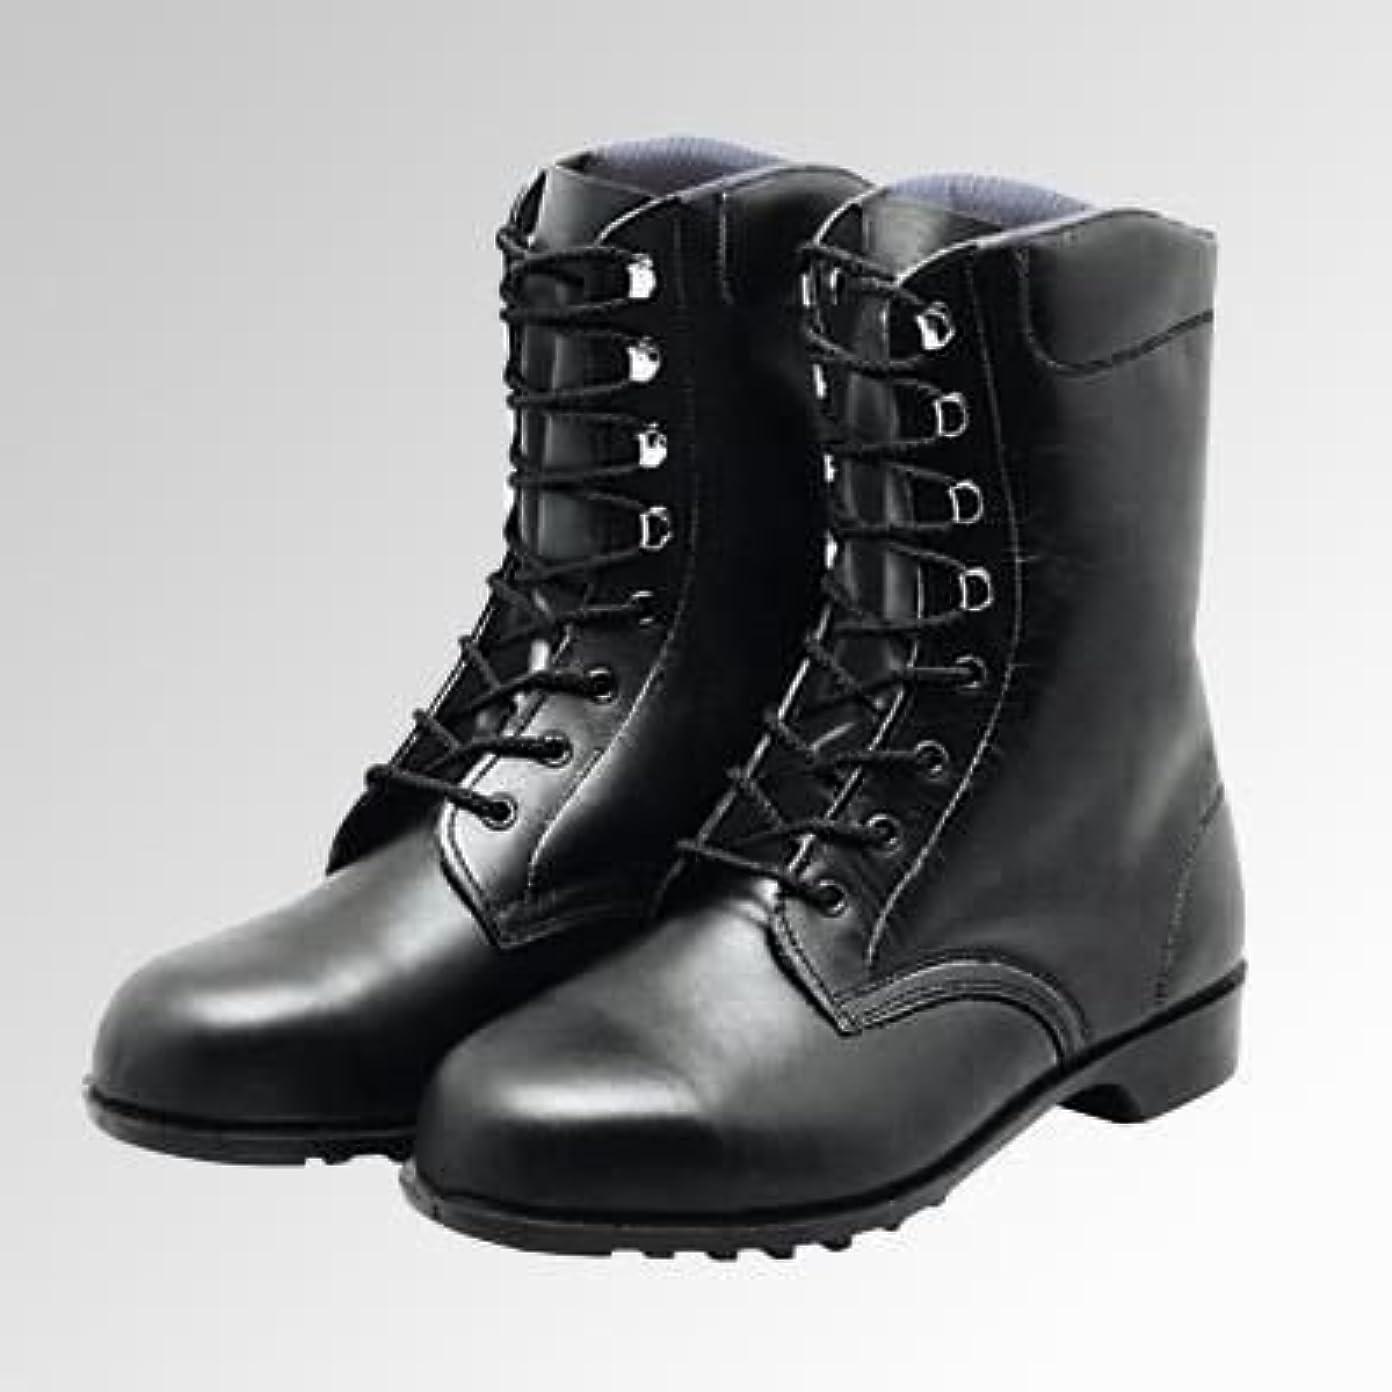 会員七面鳥サラダ安全?サイン8 長編上靴 ゴム底スタンダードタイプ ノサックス SC207 安全靴 サイズ:26.0cm